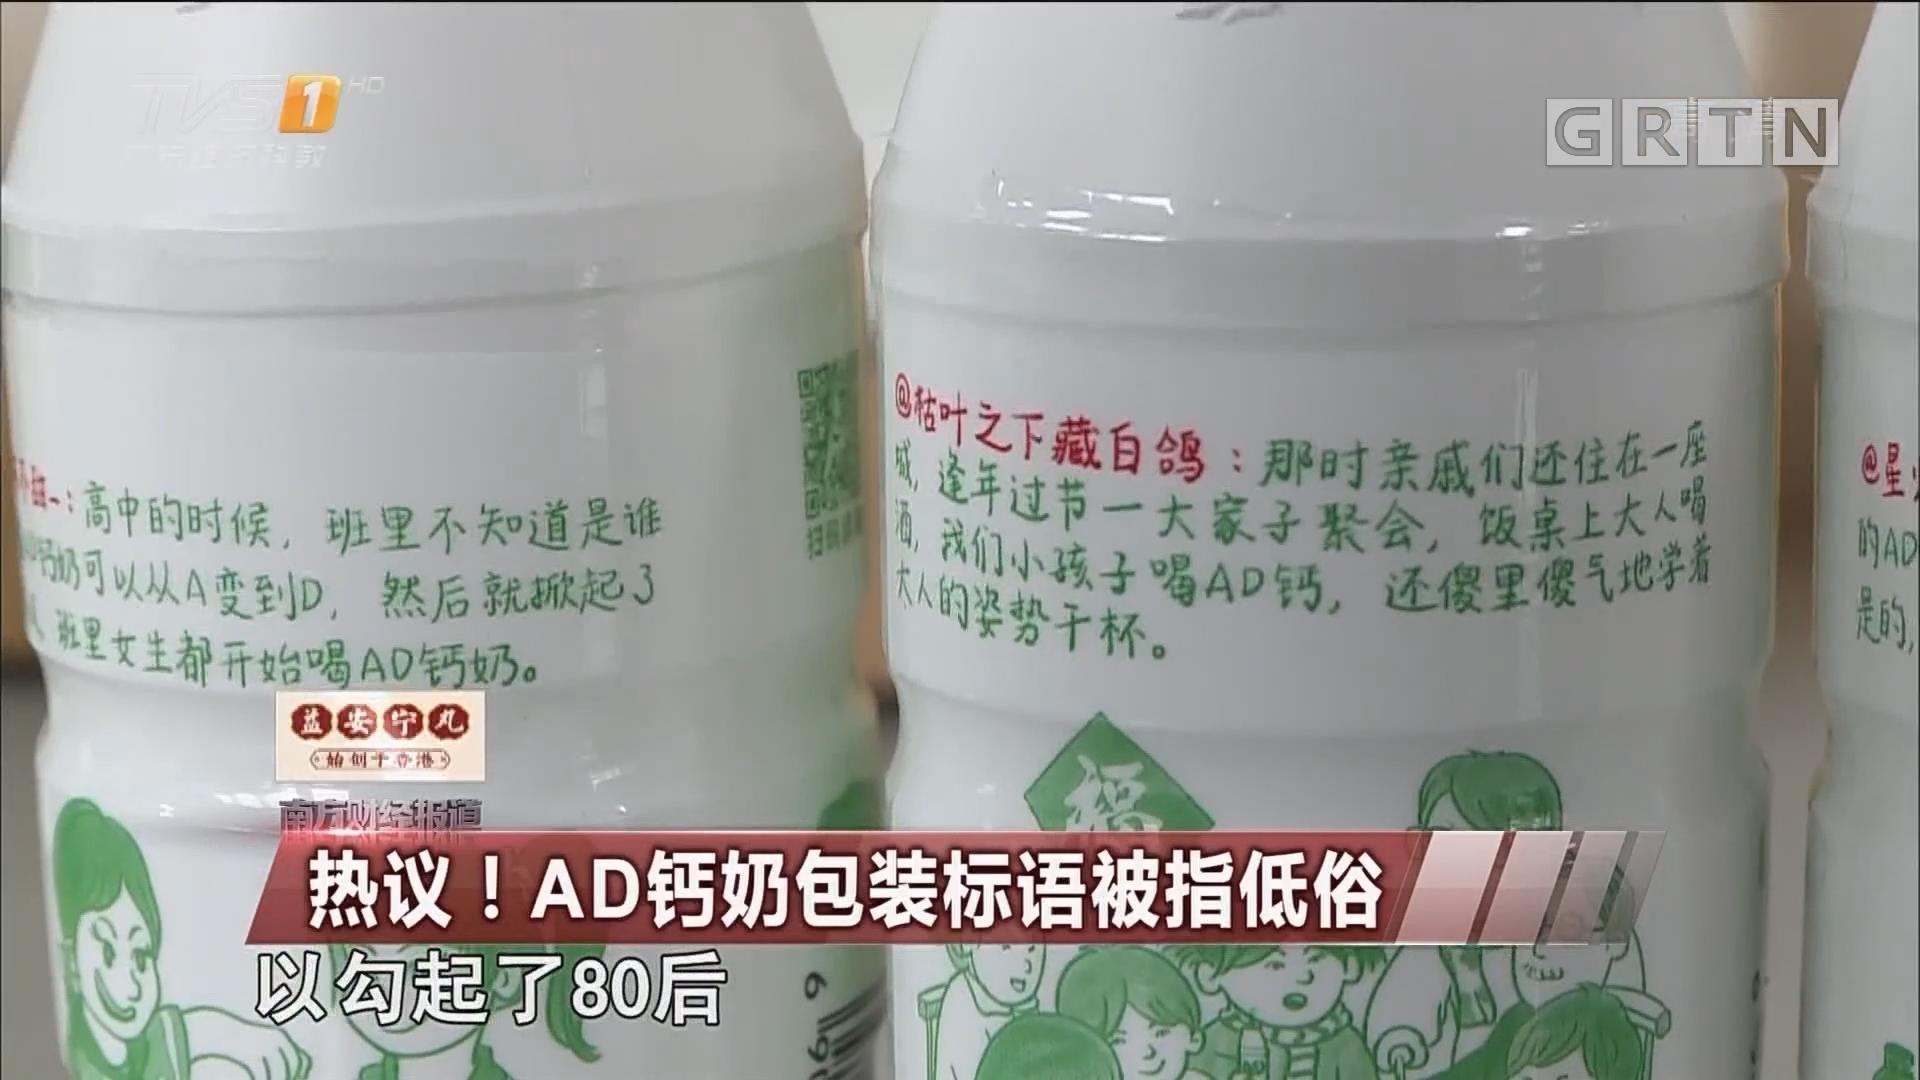 热议!AD钙奶包装标语被指低俗